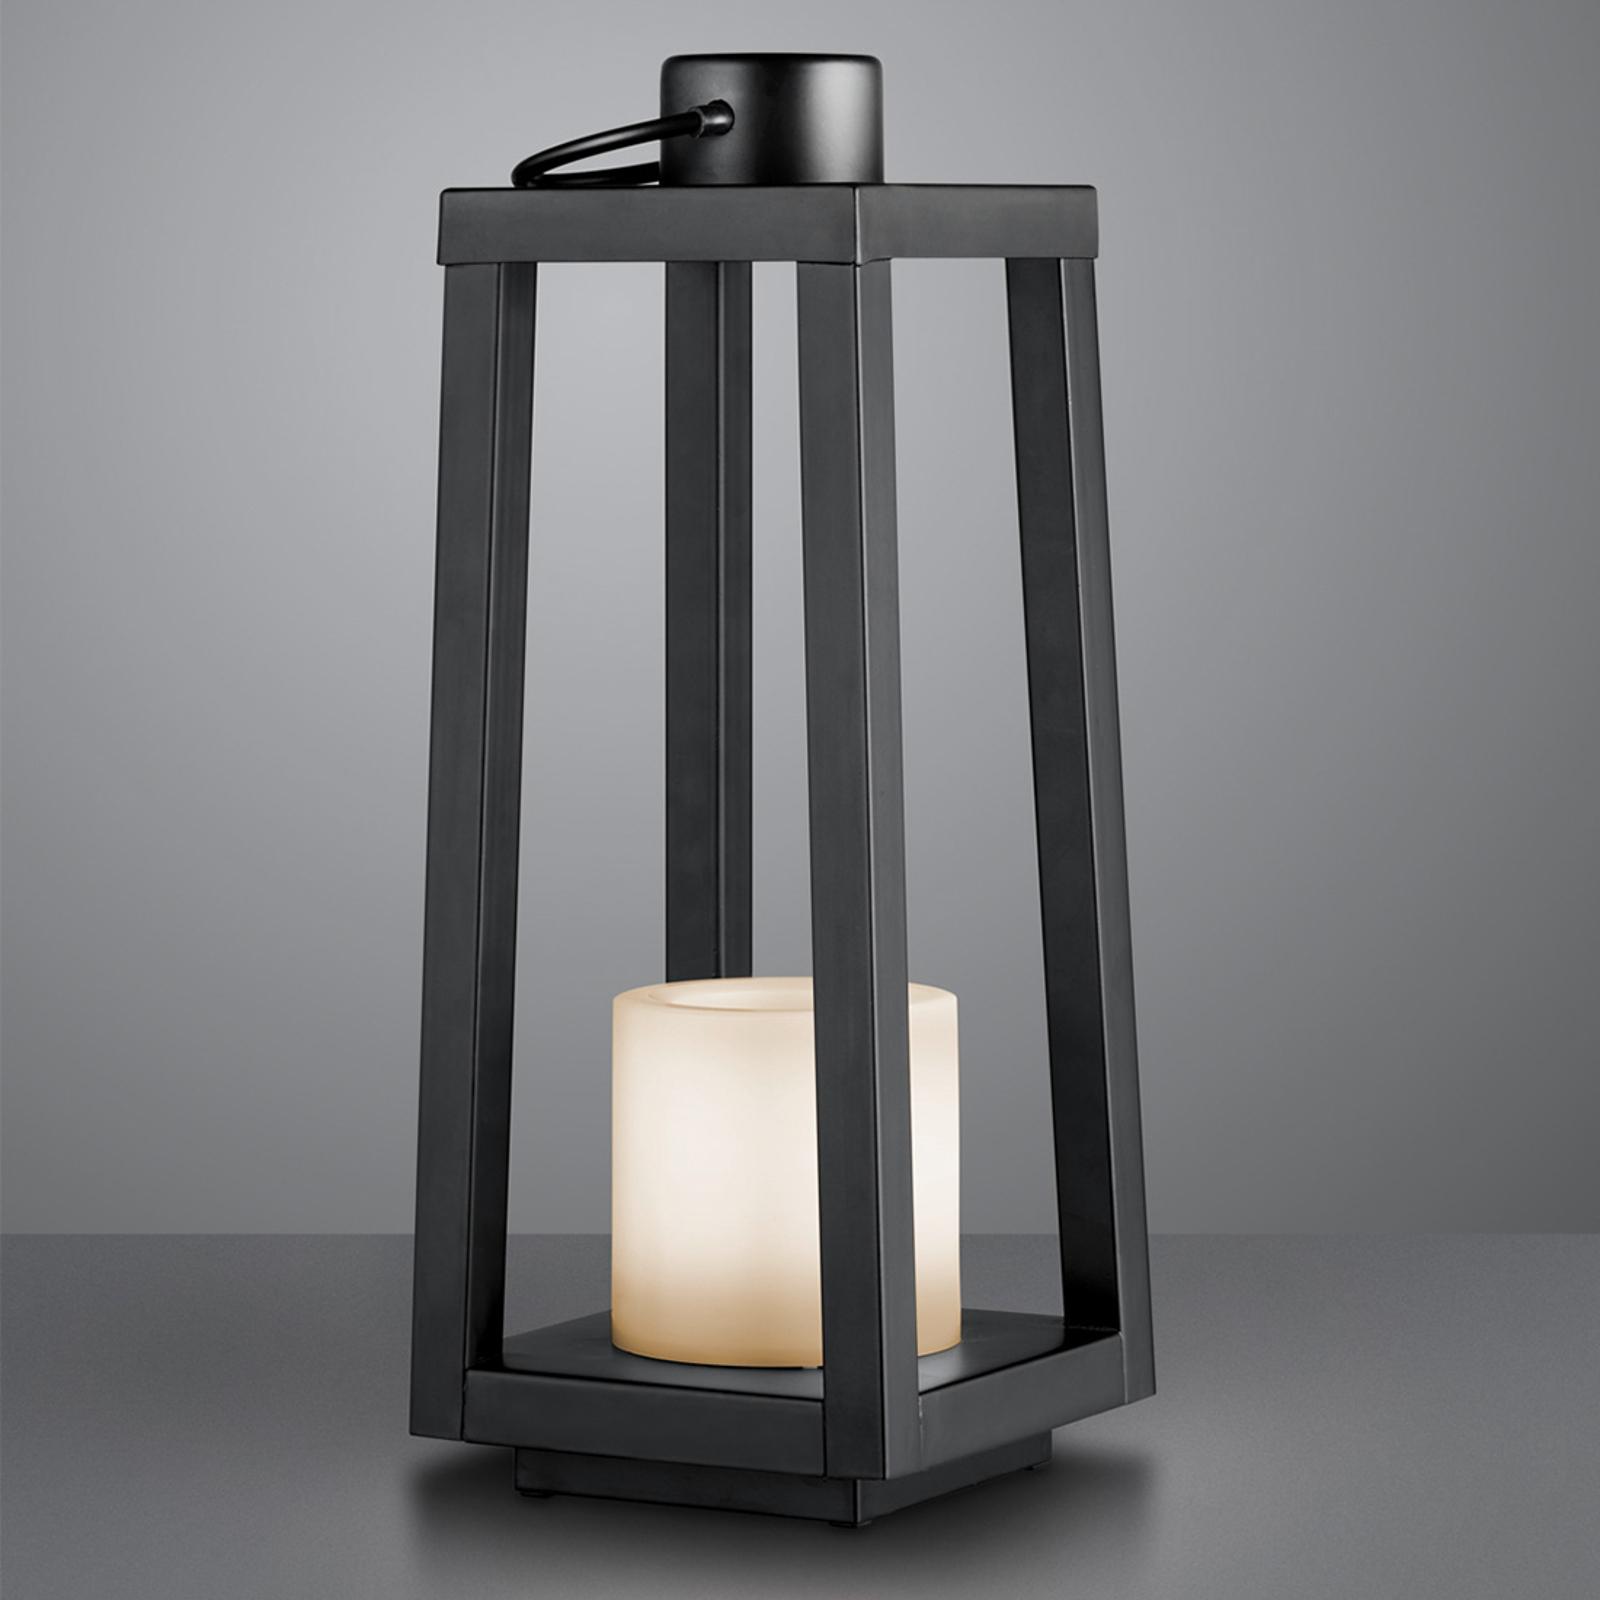 LED solární stojací lampa Loja s efektem plamene